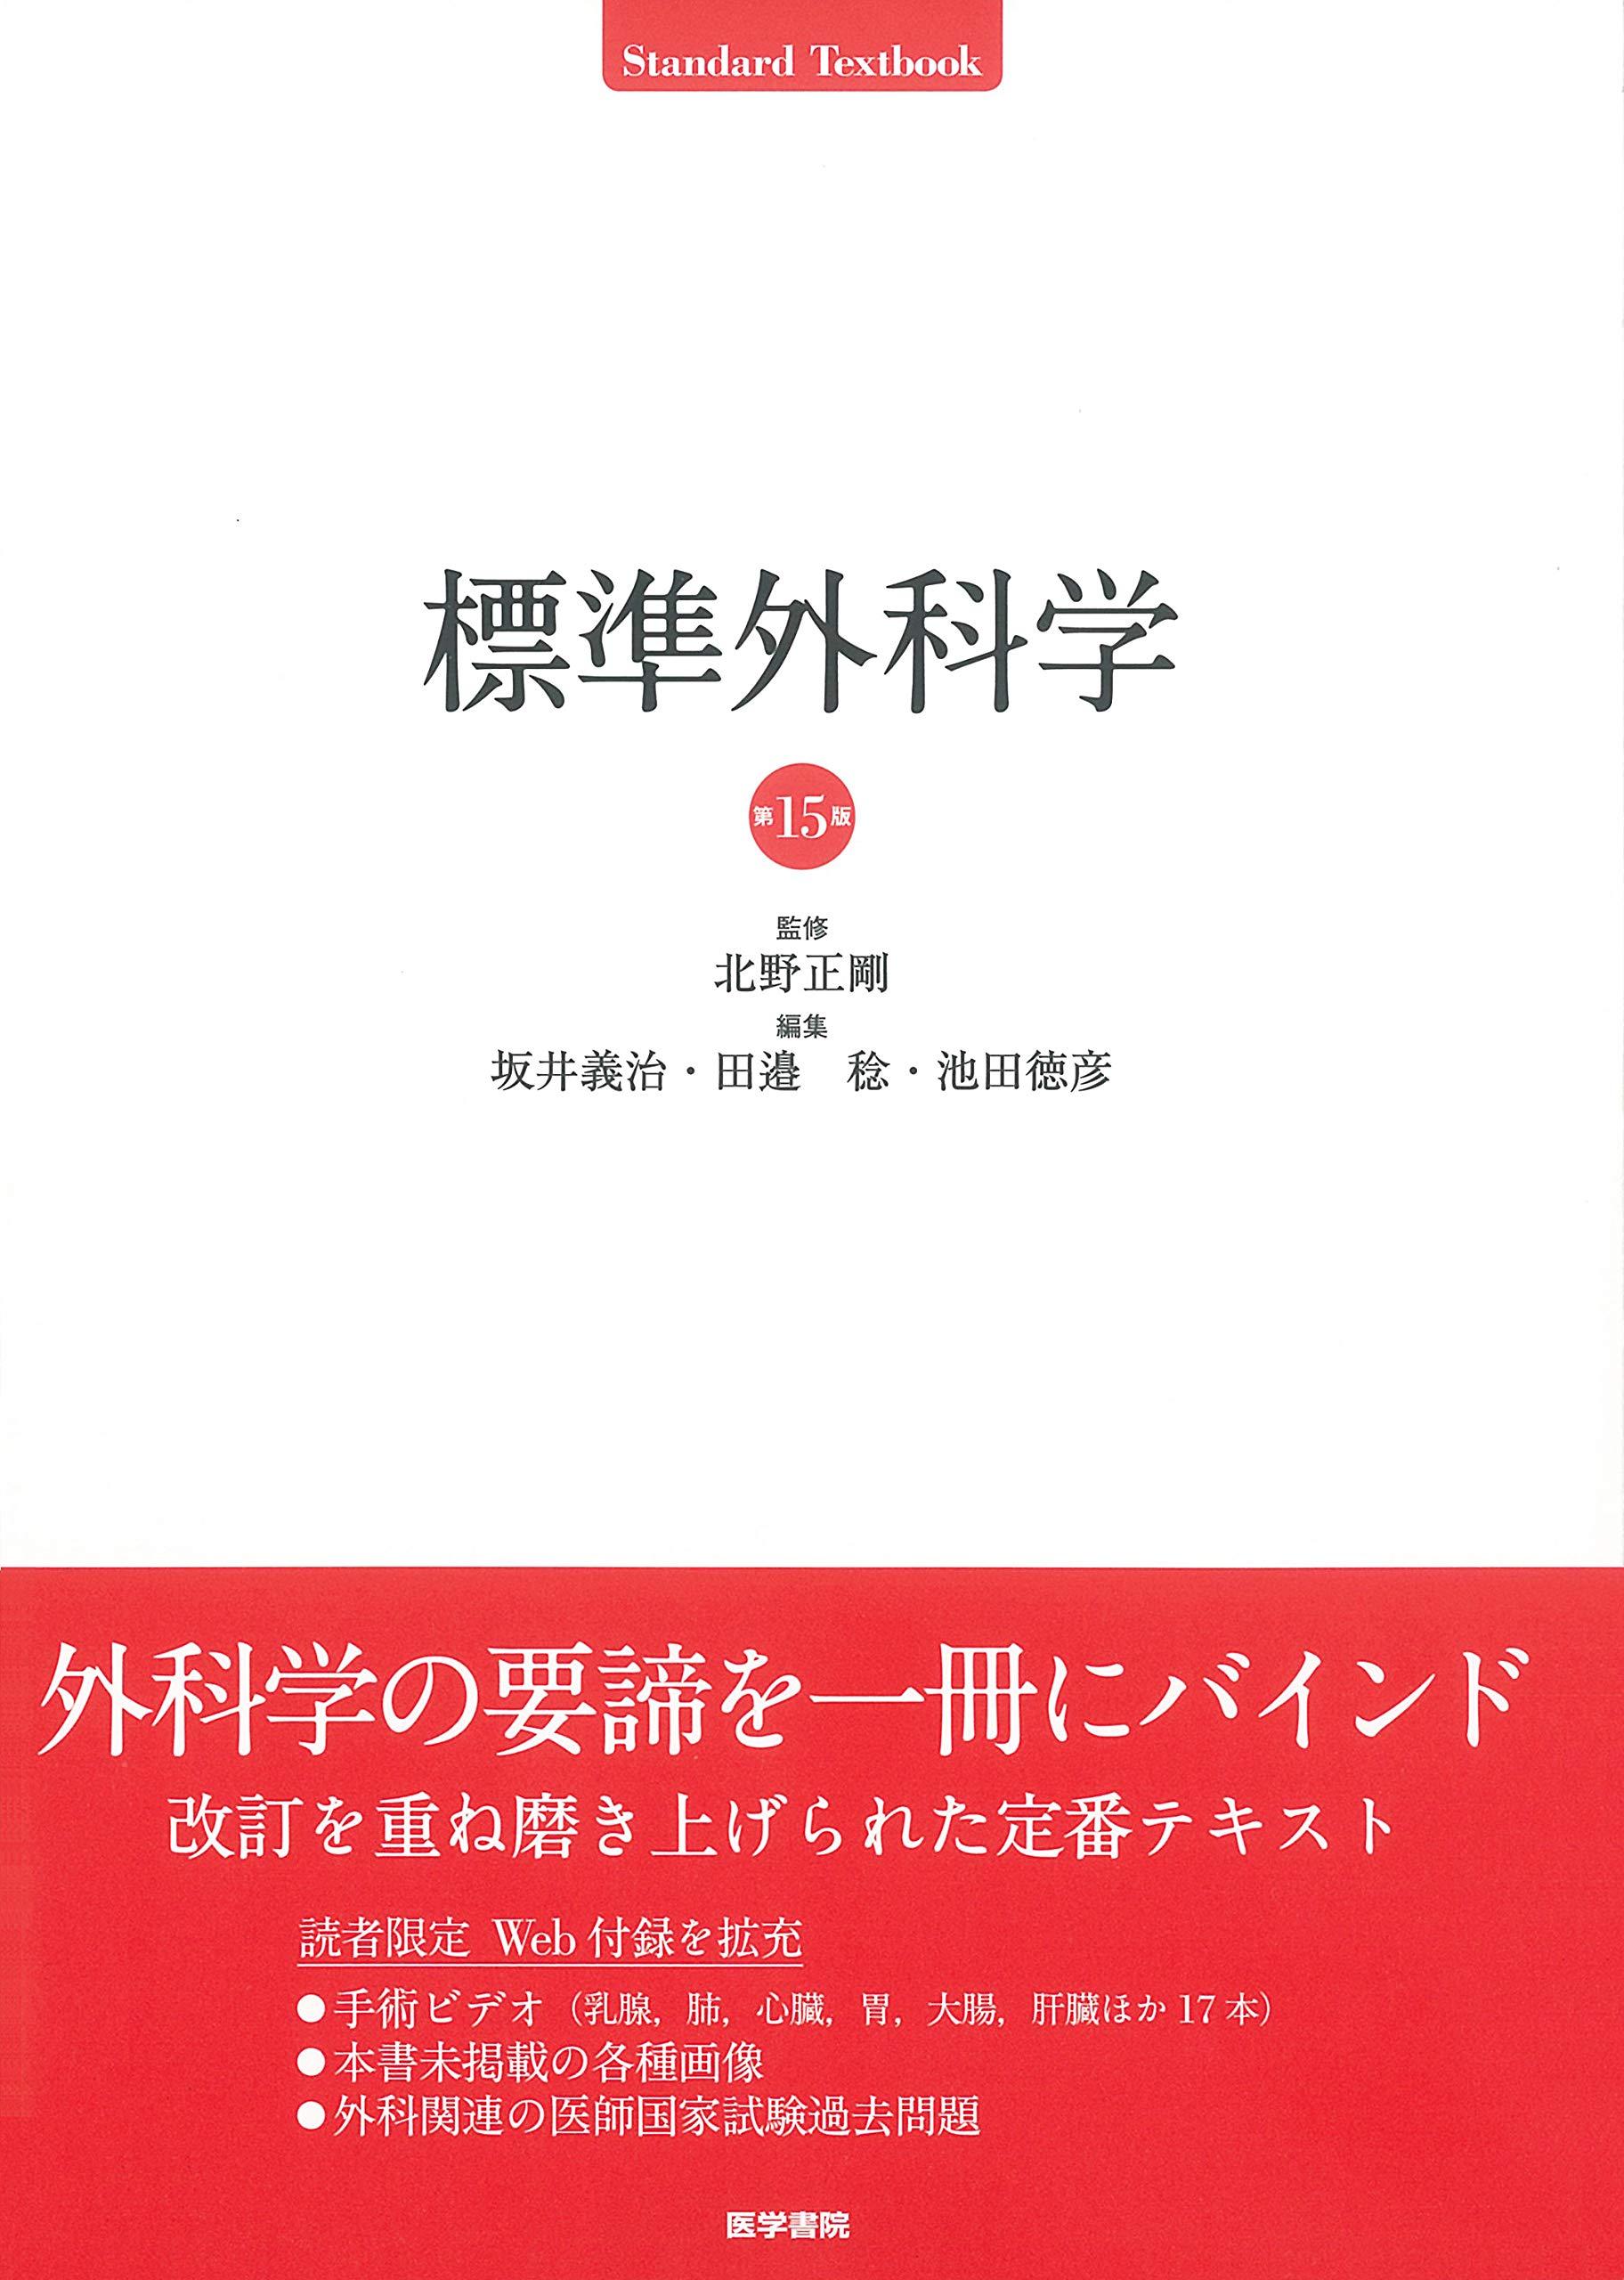 標準外科学 第15版 (Standard textbook)   北野 正剛  本   通販   Amazon